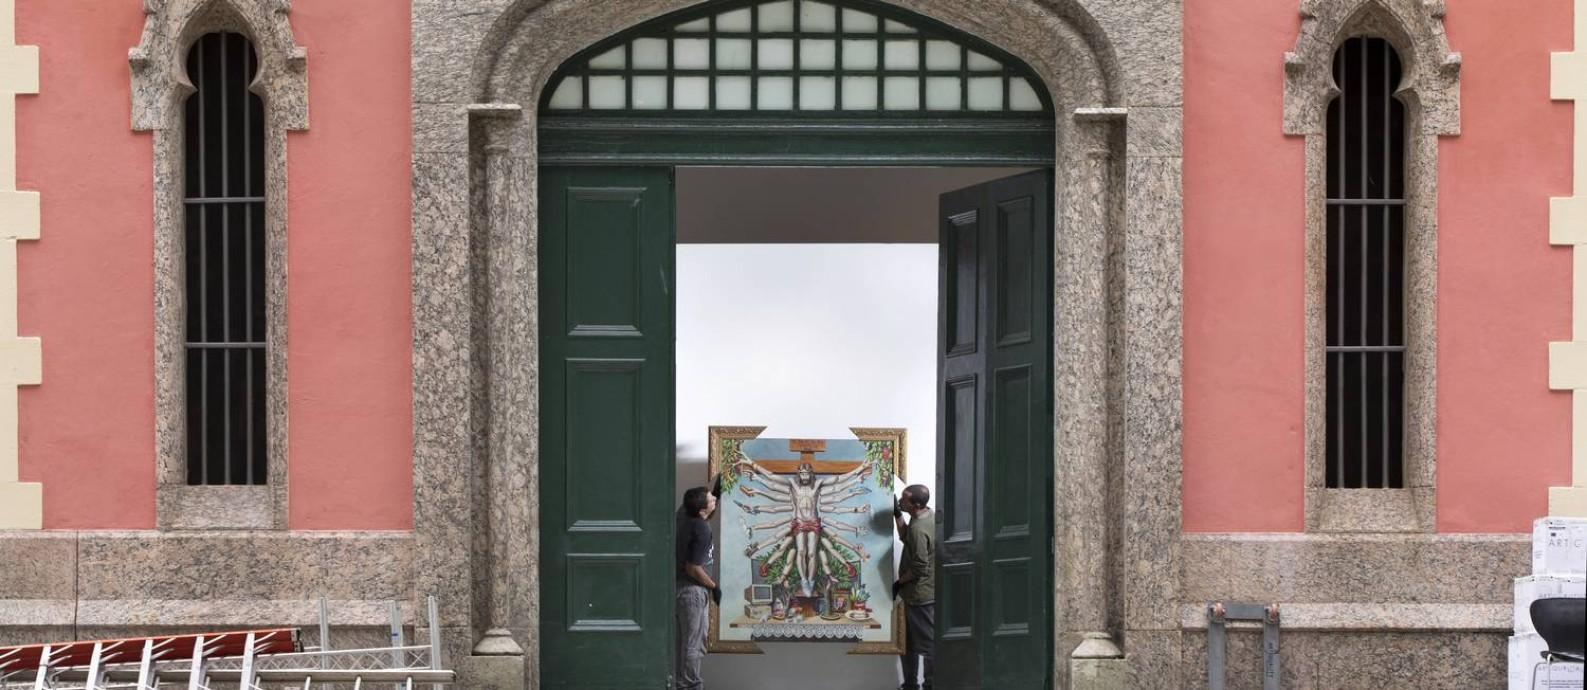 Equipe posiciona a tela 'Cruzando Jesus Cristo com Deusa Shiva' na EAV: obra de Fernando Baril foi acusada de 'blasfemia' Foto: Ana Branco / Agência O Globo